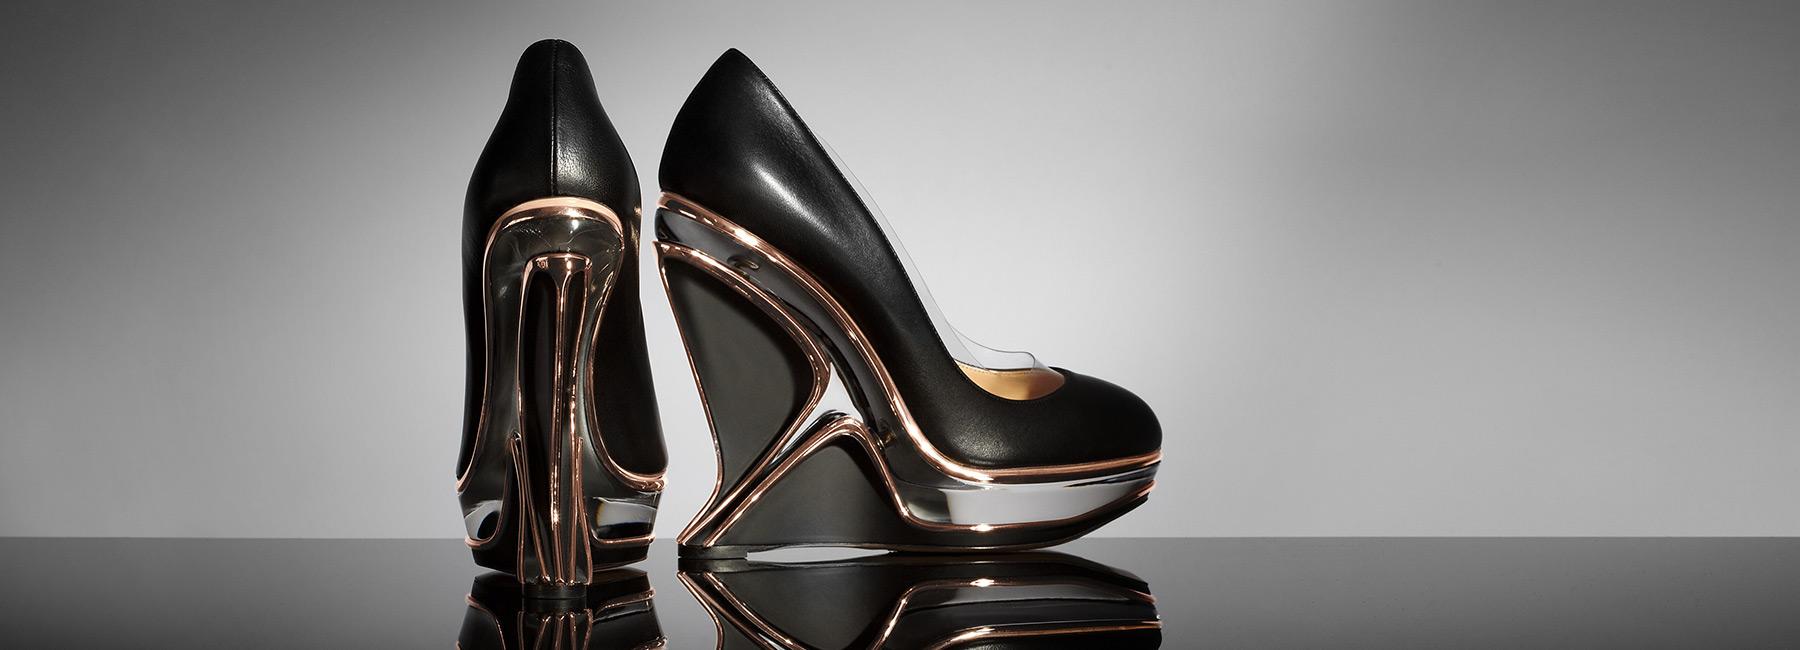 zaha-hadid-charlotte-olympia-shoes03.jpg